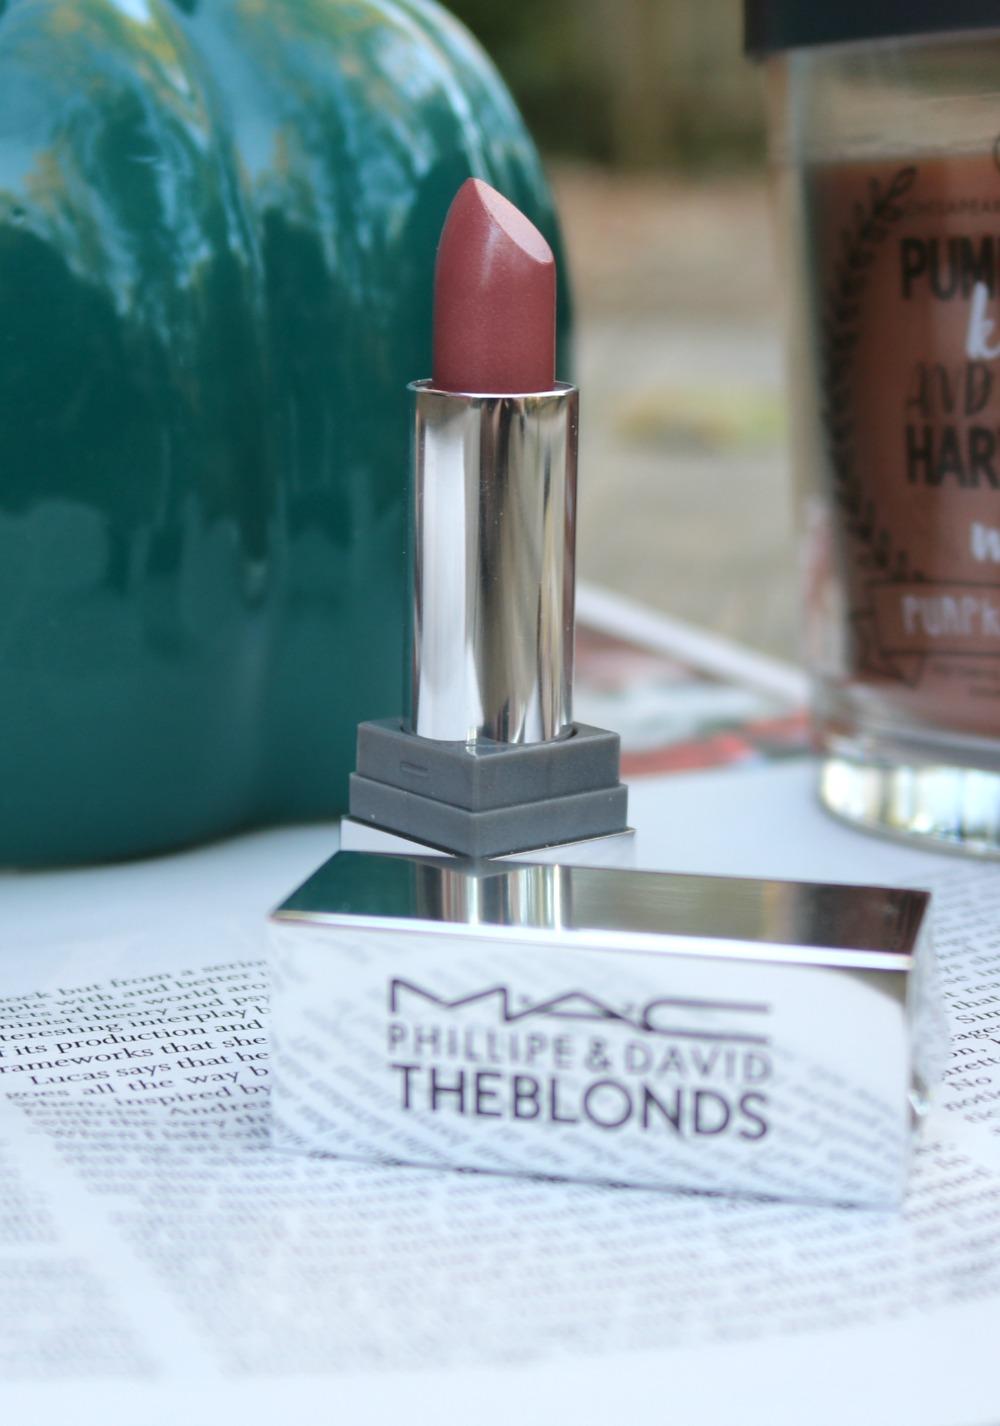 The Blonds Mac Lipstick in 'DavidBlond' I DreaminLace.com #Lipstick #Mac #Makeup